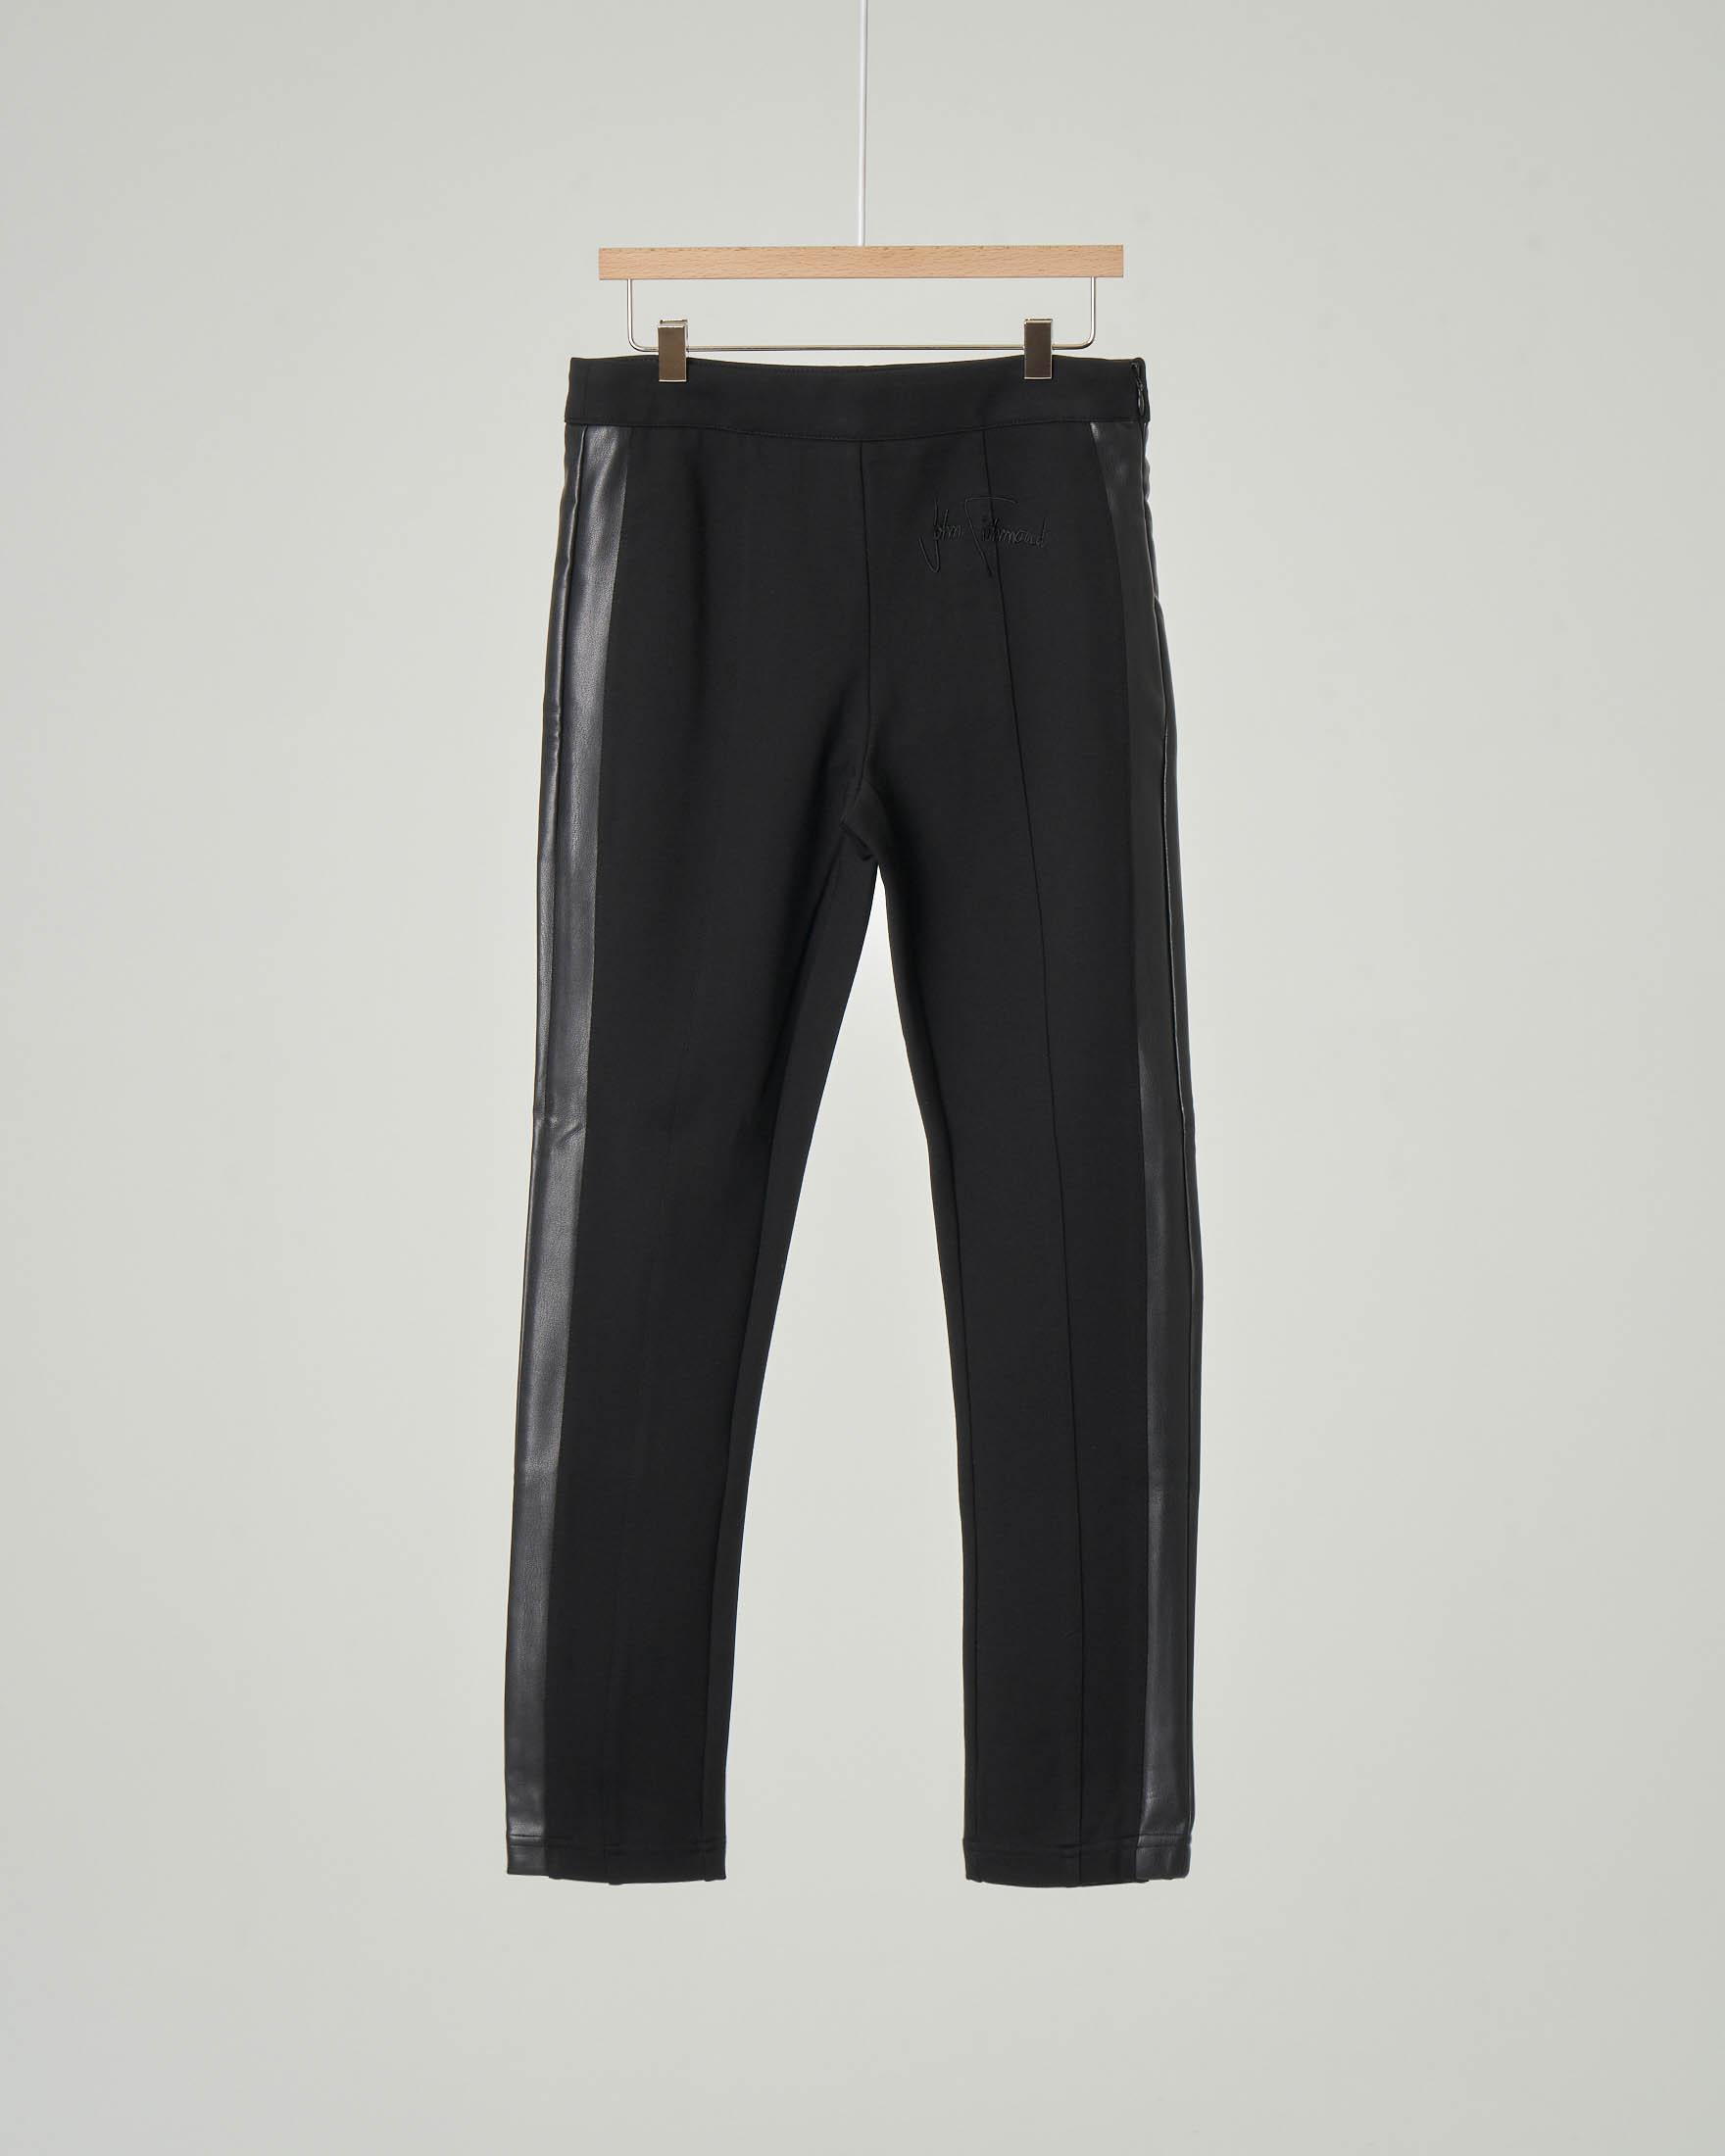 Pantalone nero con bande in ecopelle e logo ricamato 10-16 anni